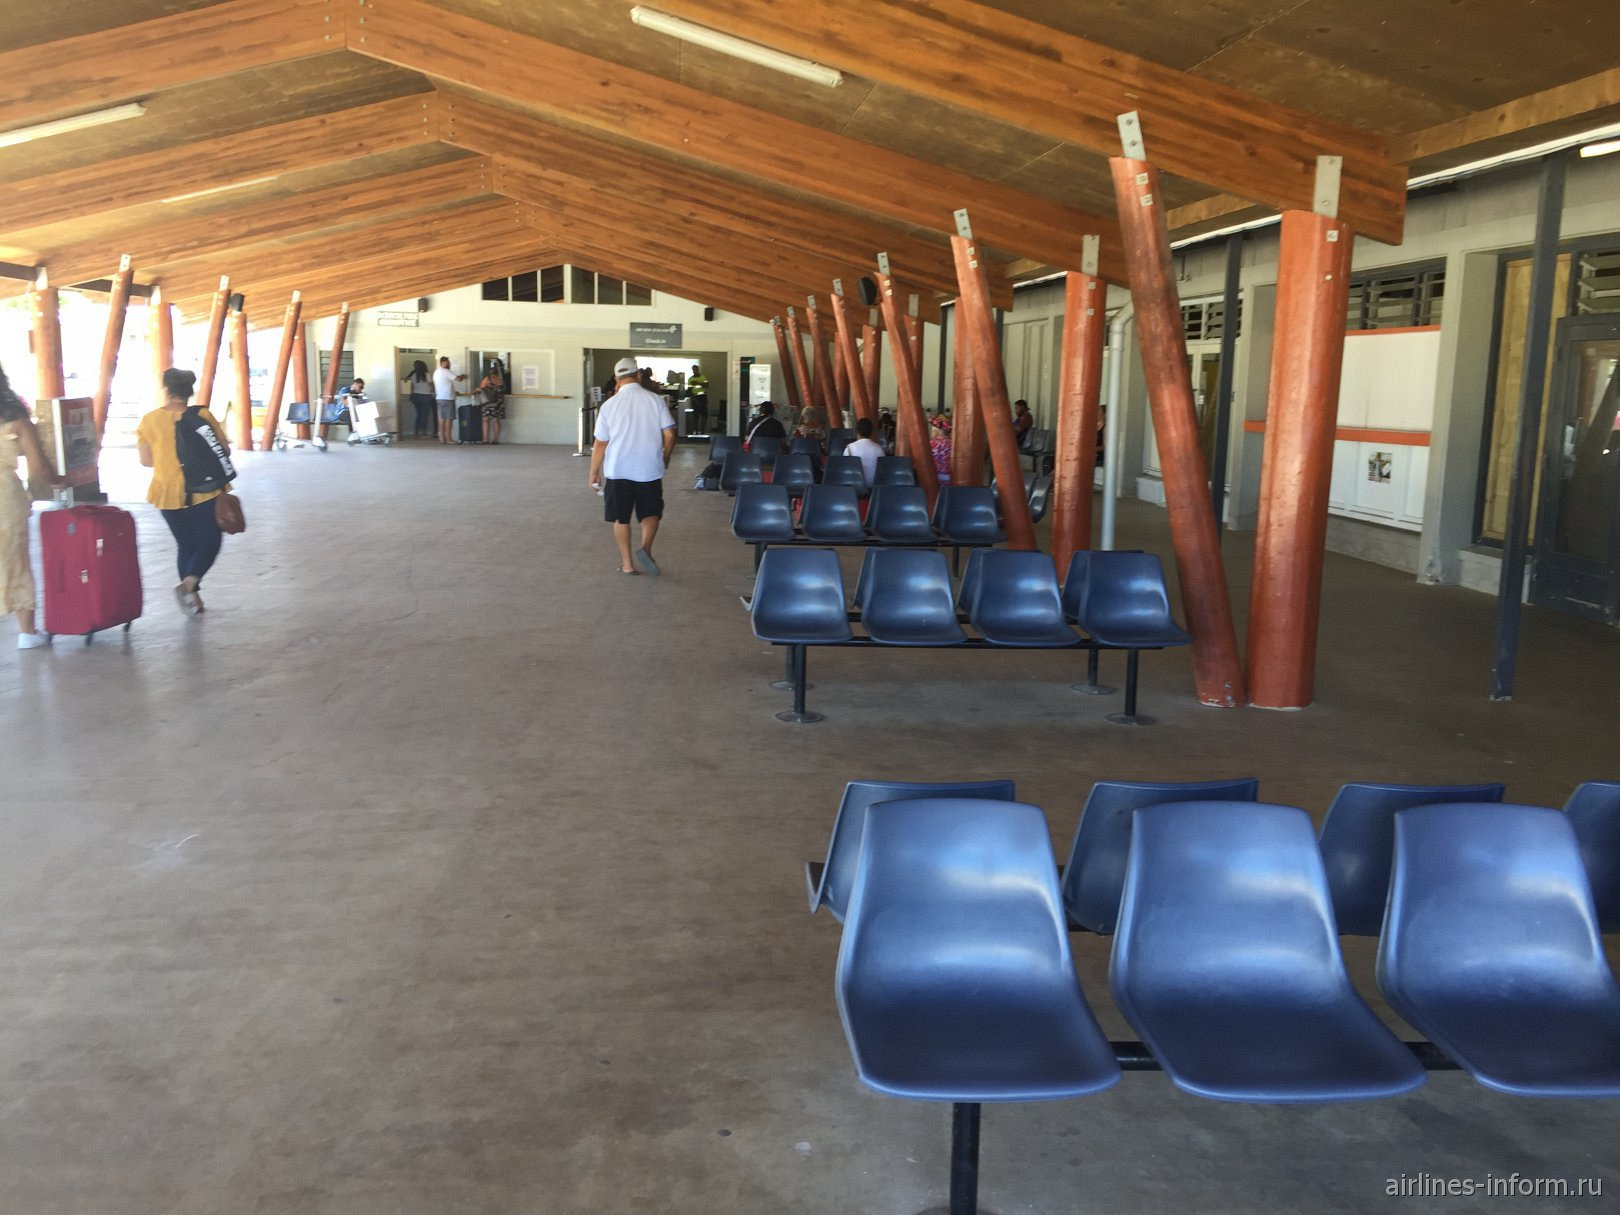 Зал прилета в аэропорту Ниуэ